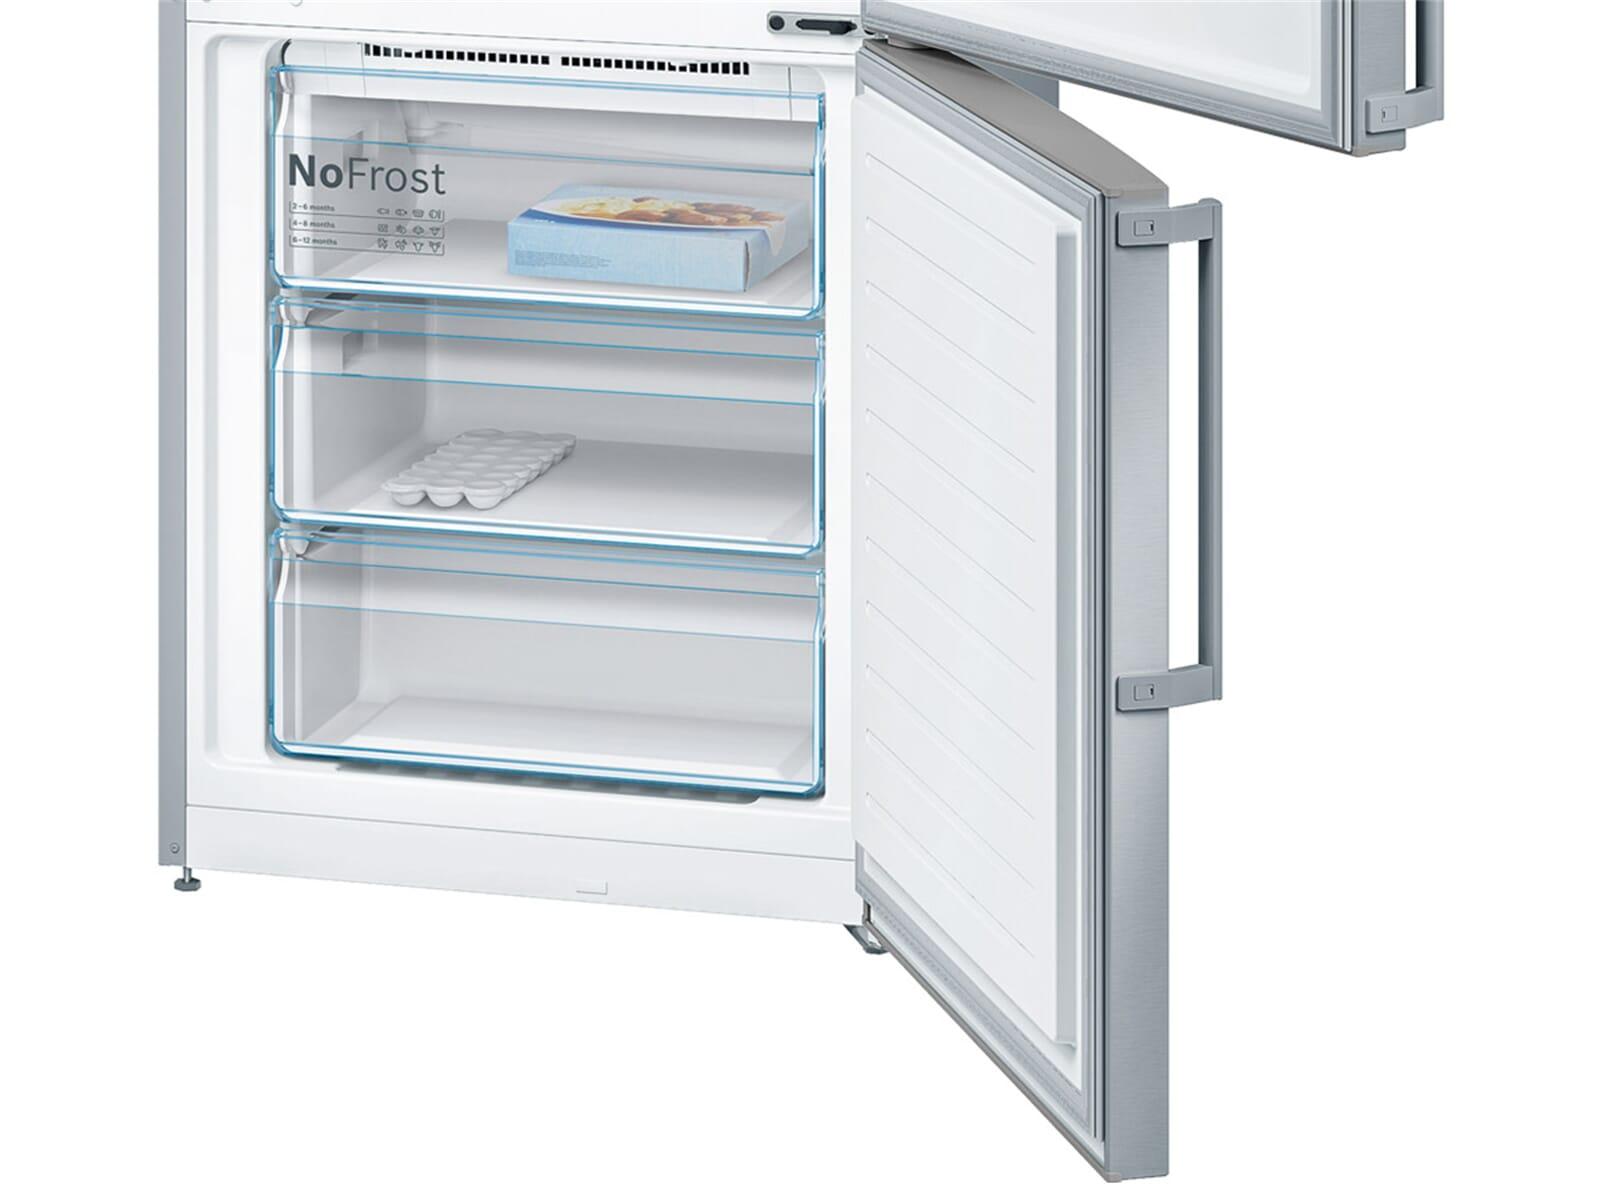 Bosch Kühlschrank Mit Eiswürfelbereiter : Bosch kgn xi kühl gefrierkombination edelstahl